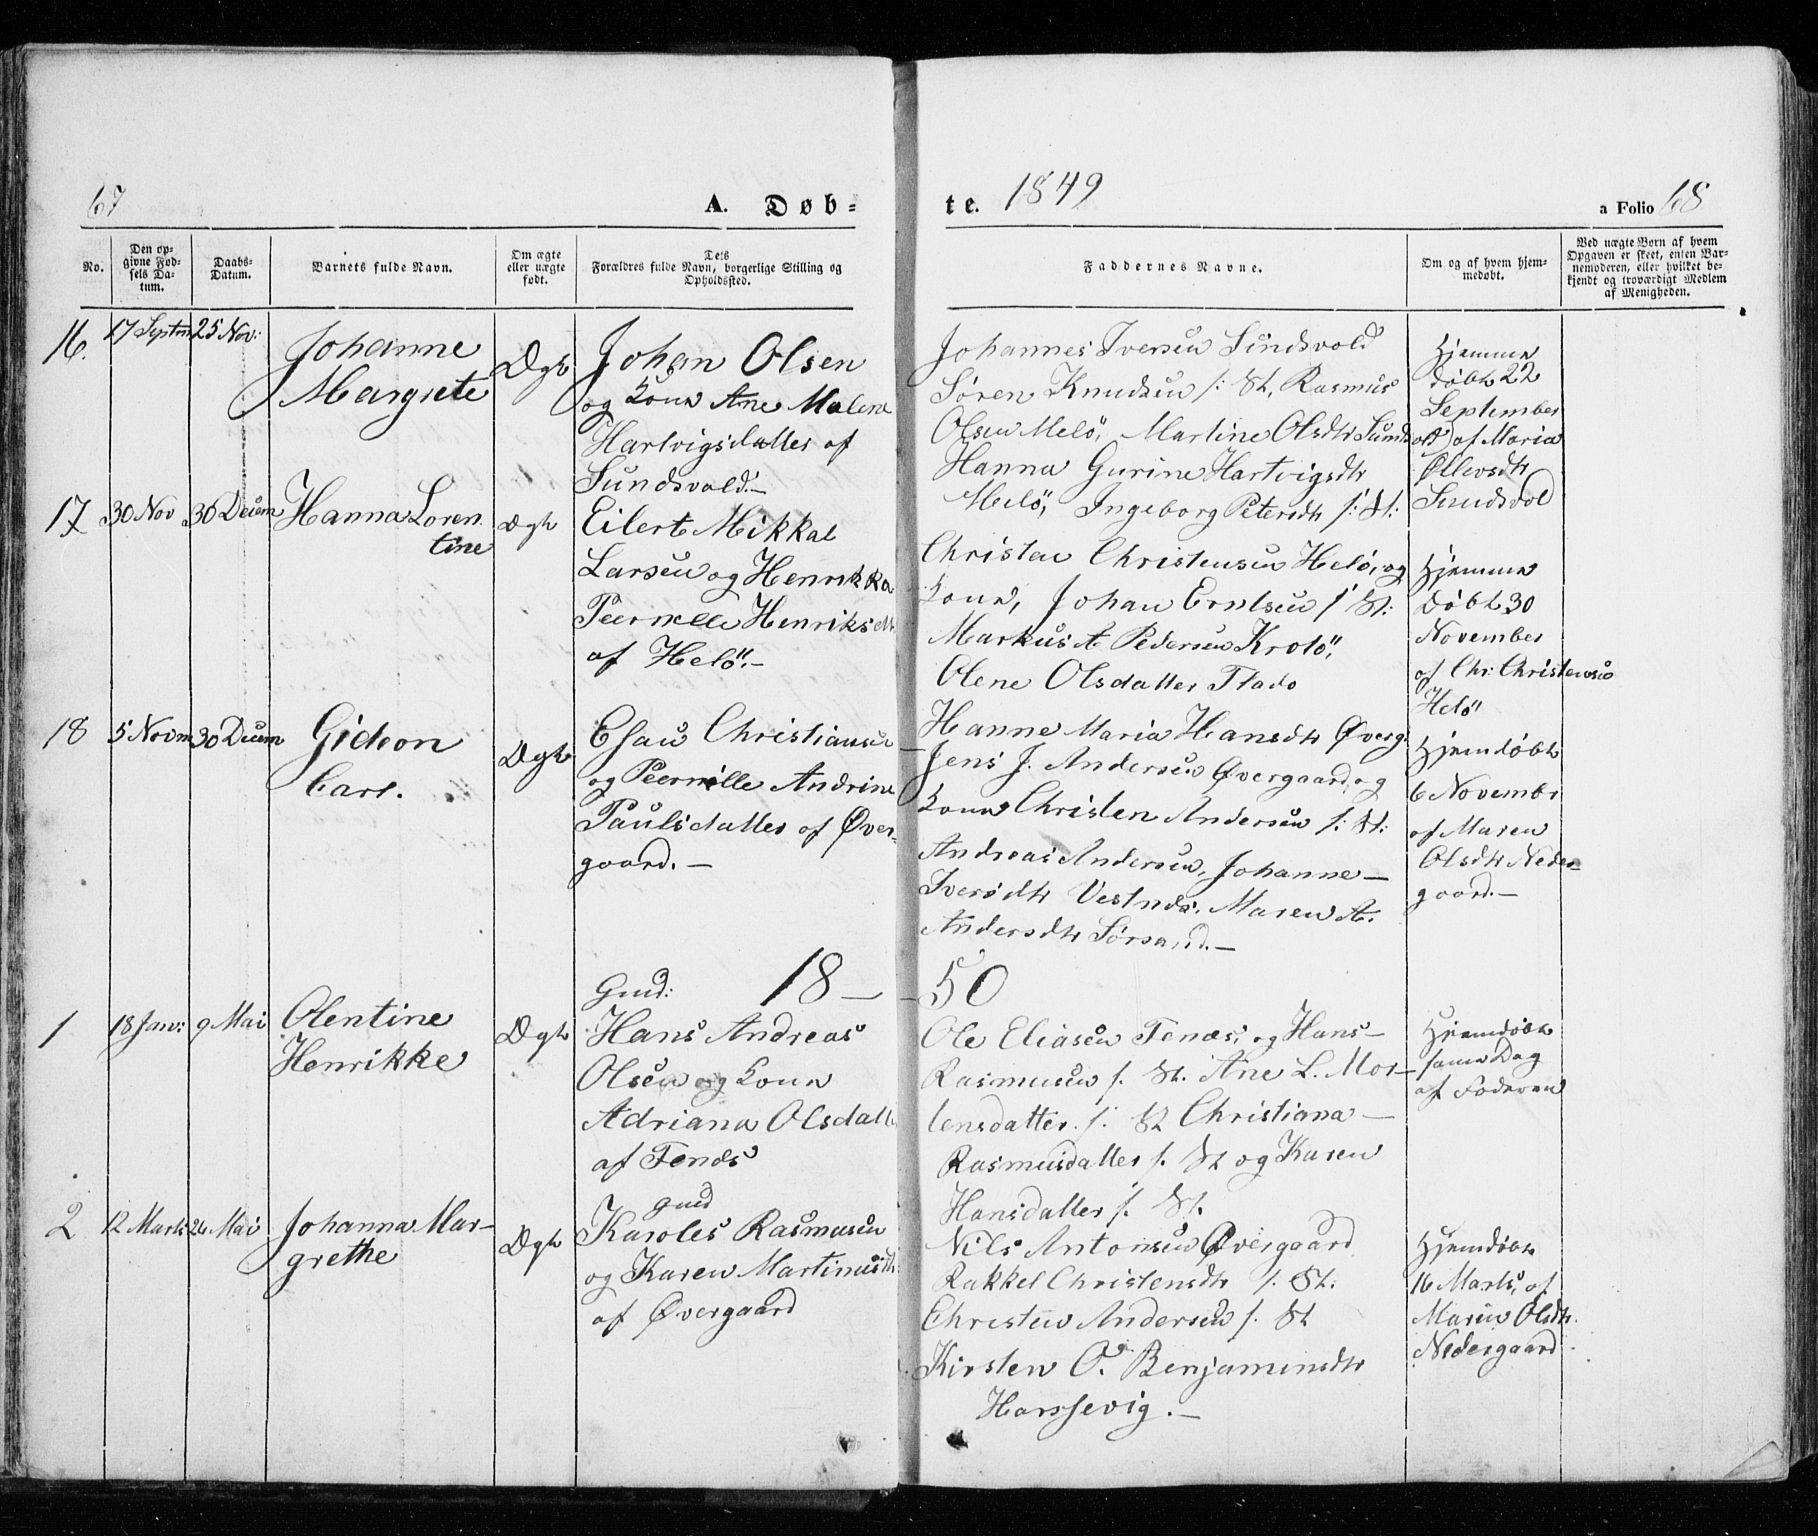 SATØ, Trondenes sokneprestkontor, H/Ha/L0010kirke: Ministerialbok nr. 10, 1840-1865, s. 67-68